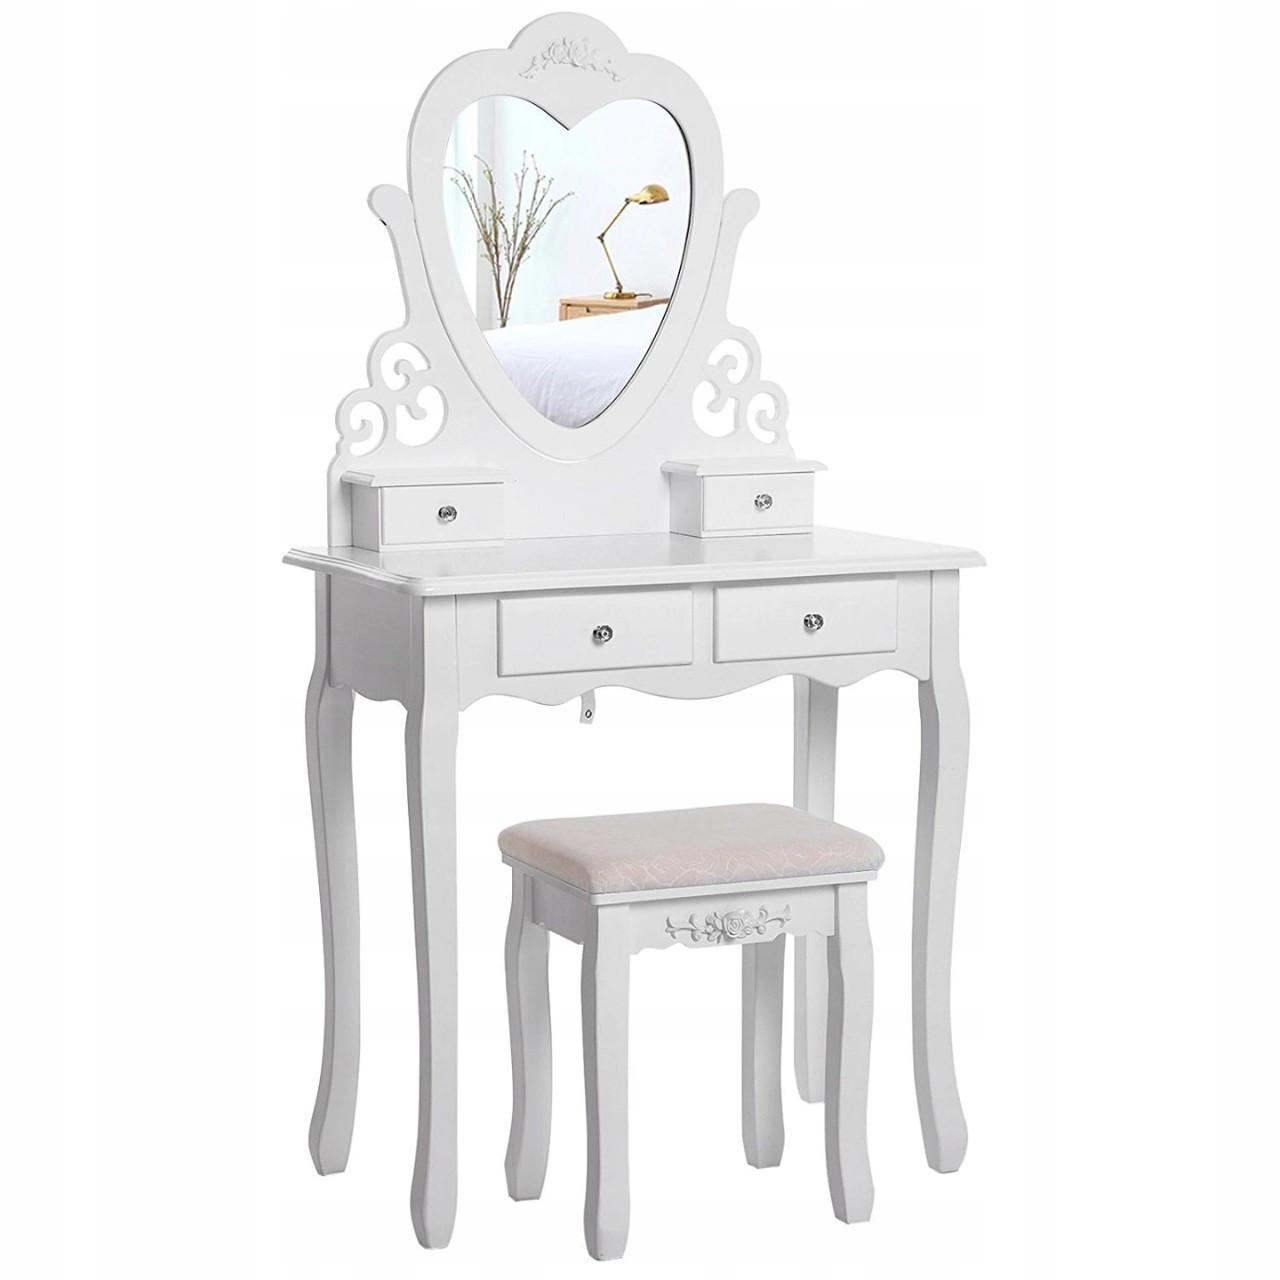 Туалетний столик Космо белый с зеркалом Трюмо в спальню